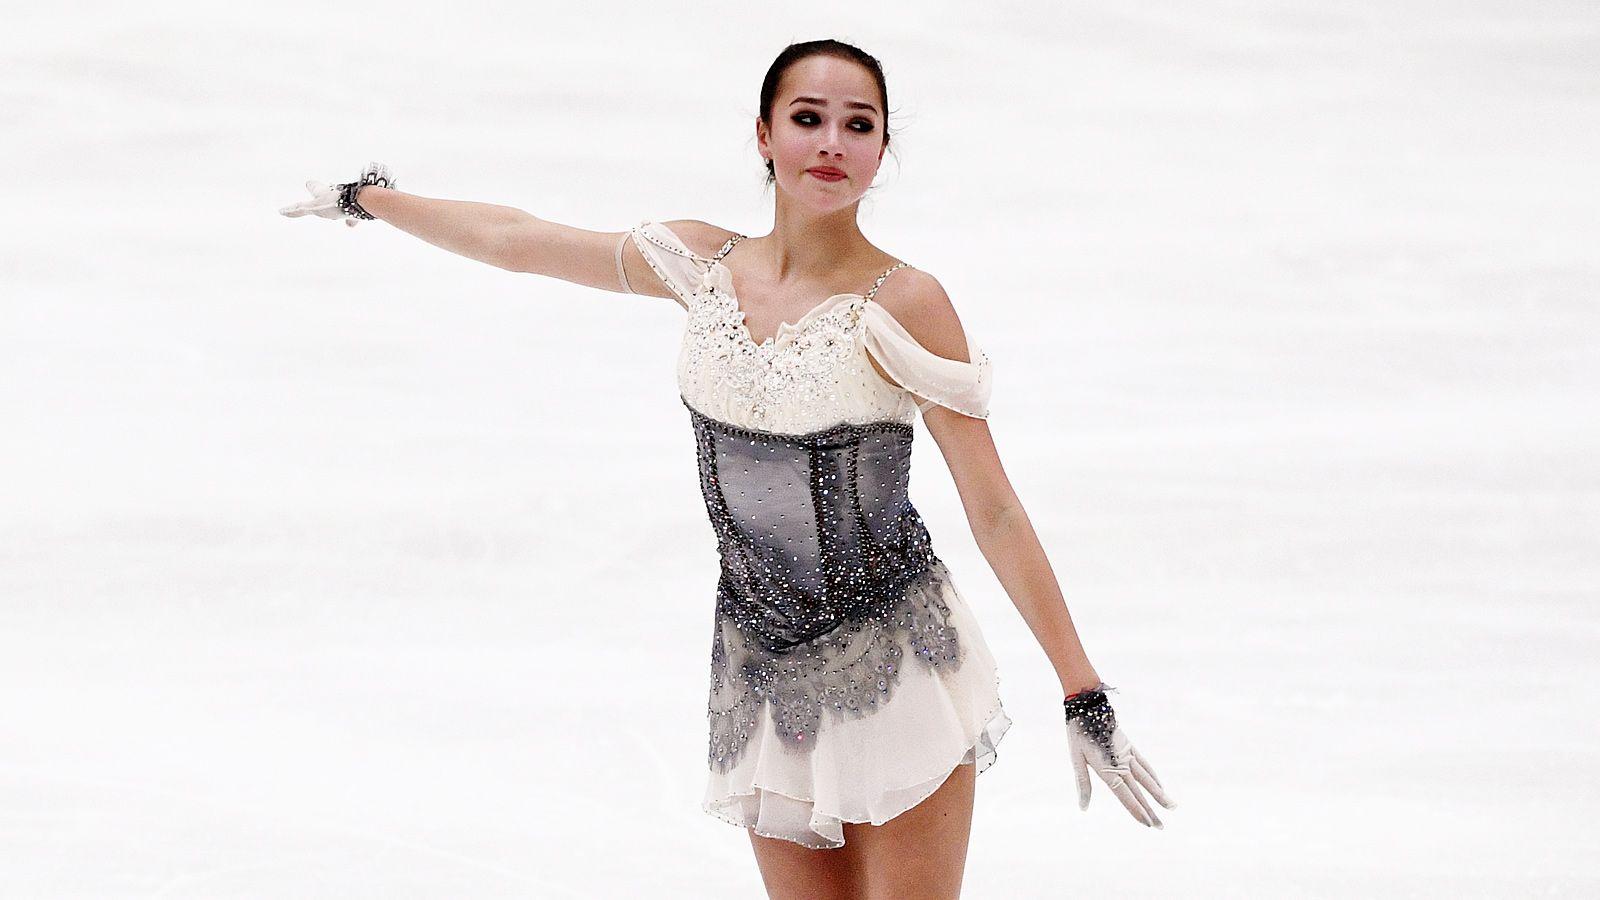 Олимпийскому чемпиону устроили травлю из-за критики в адрес Загитовой — URA.RU